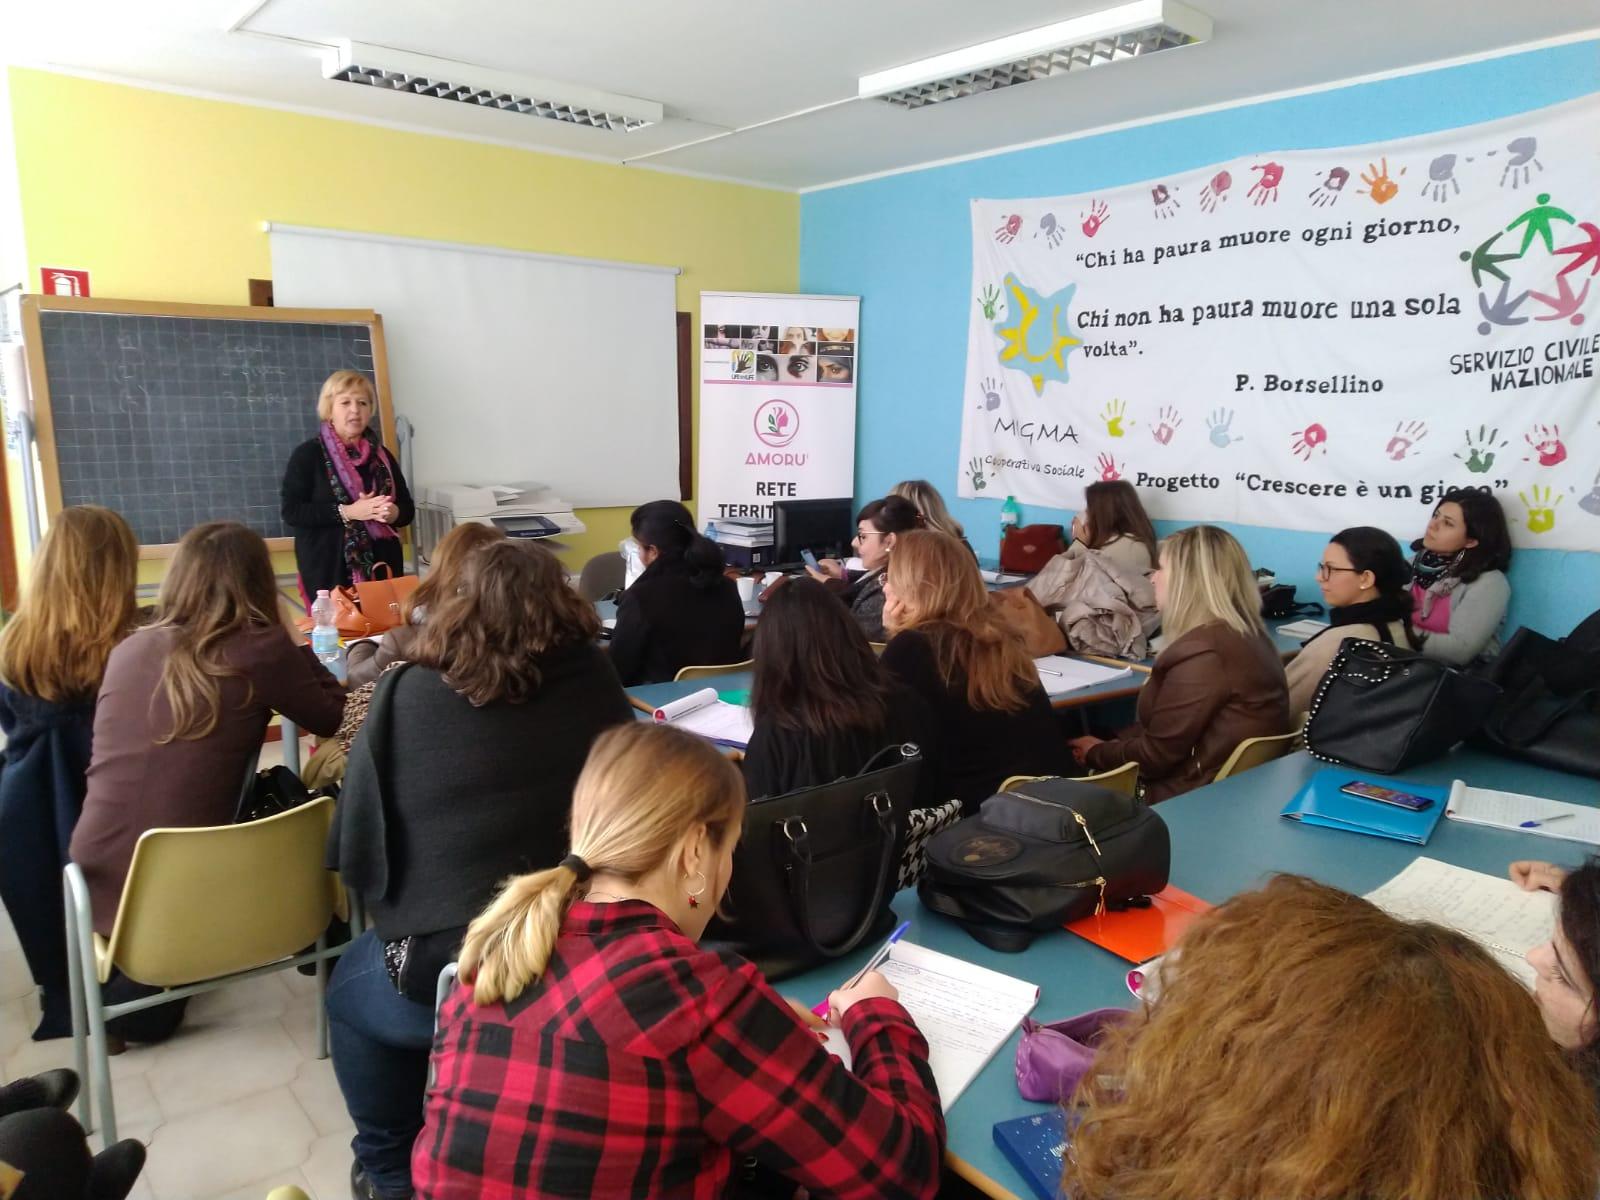 Armonia E Benessere Bagheria amoru' – rete territoriale antiviolenza: prosegue la